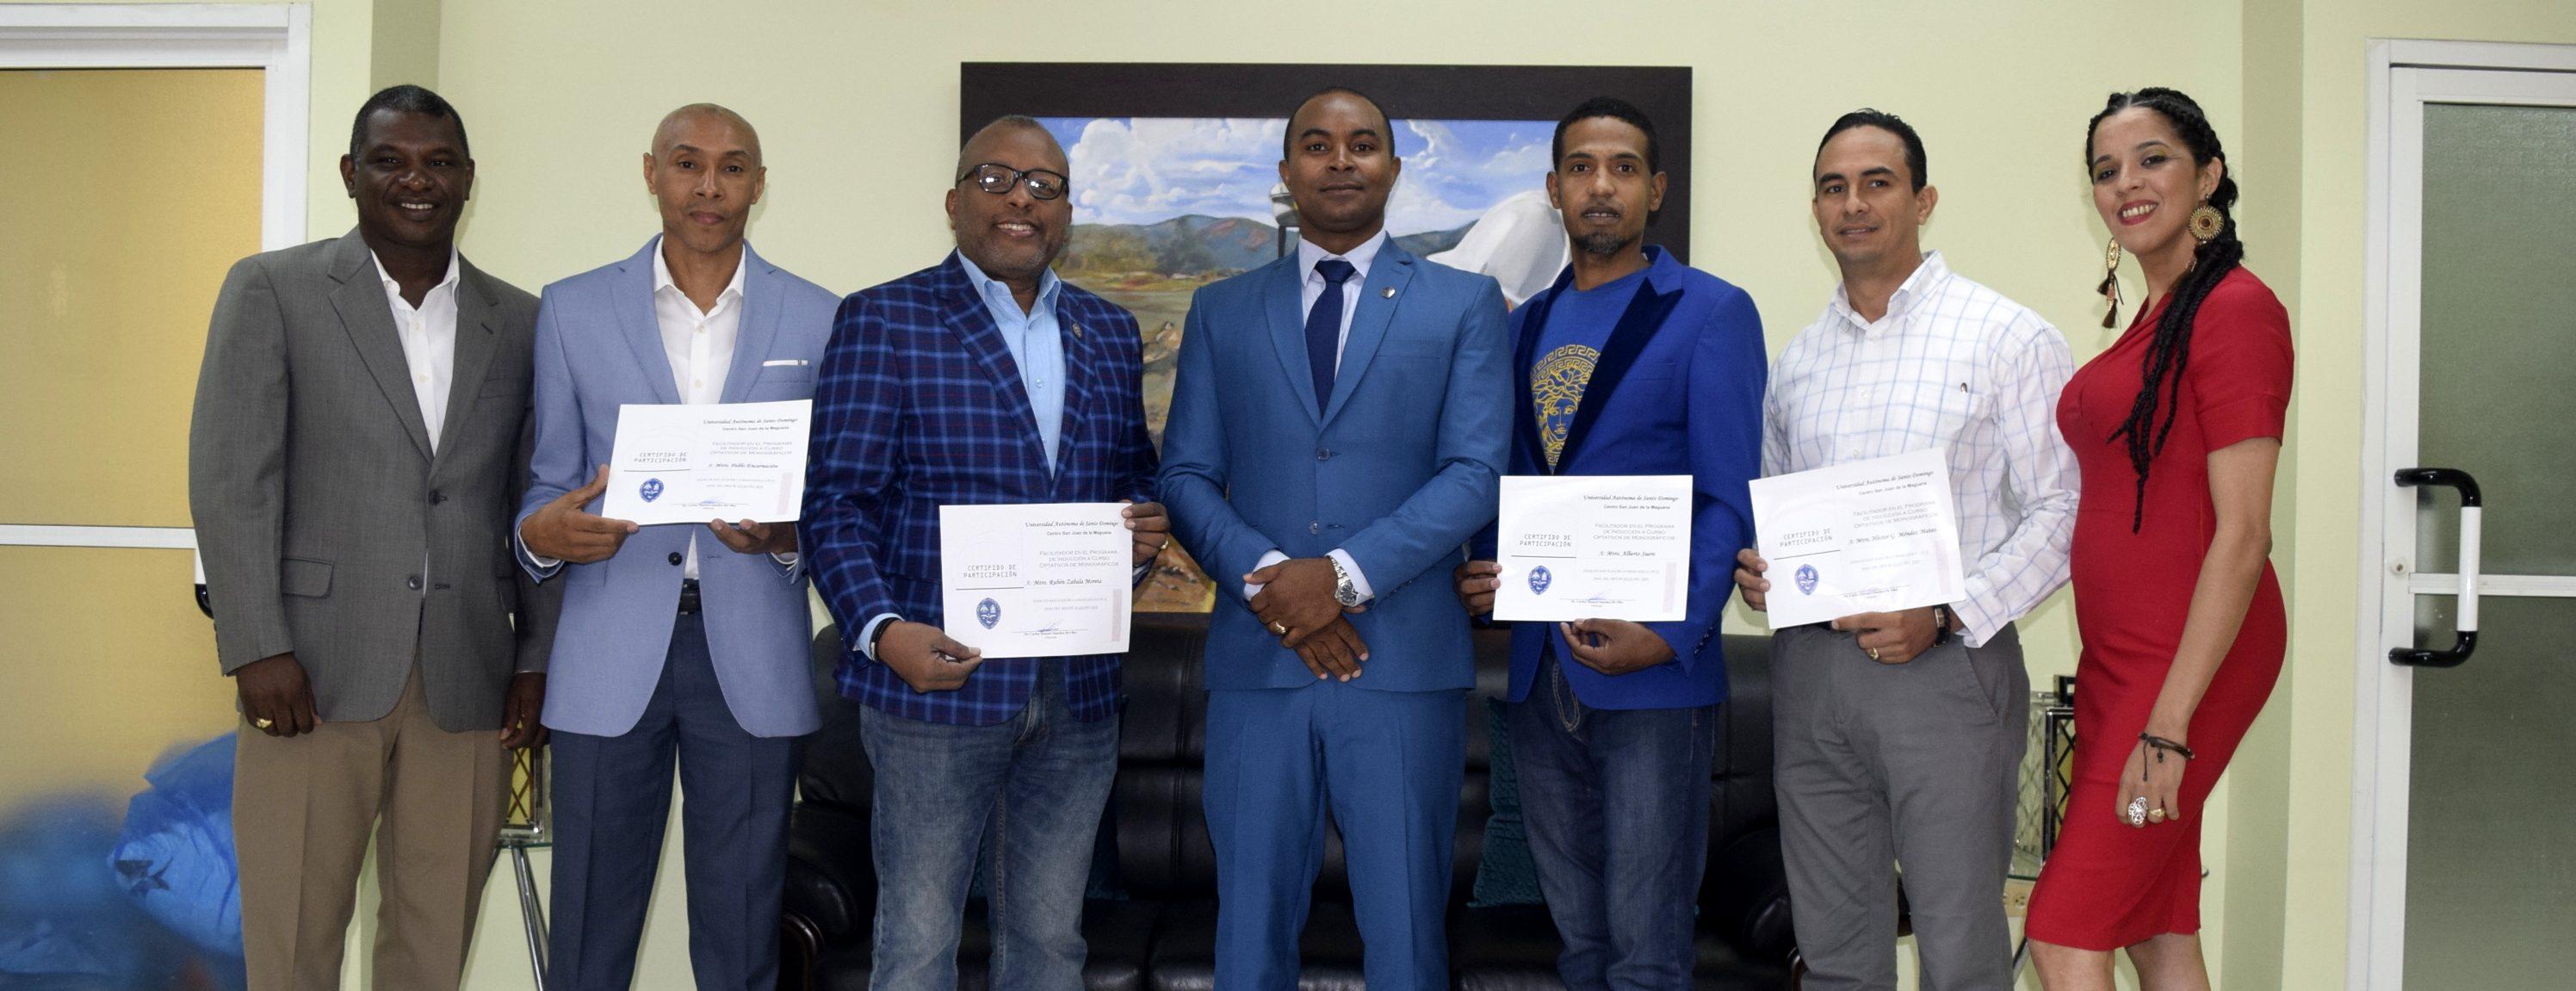 Entregan certificados a facilitadores Primera Jornada Inducción Investigación de Grado realizada en UASD San Juan